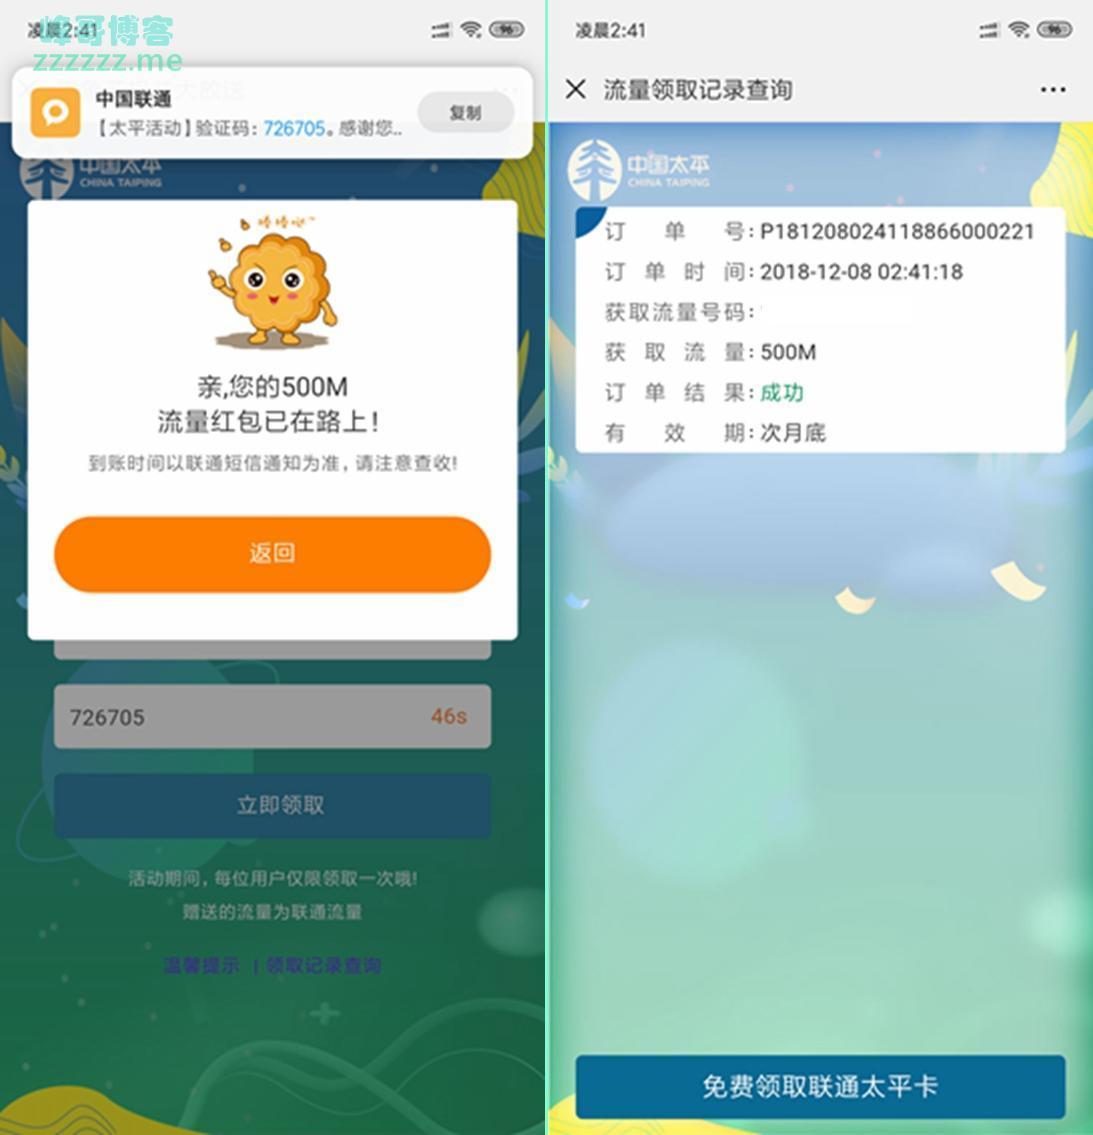 微信中国太平 免费领取500M联通全国流量次月到账!